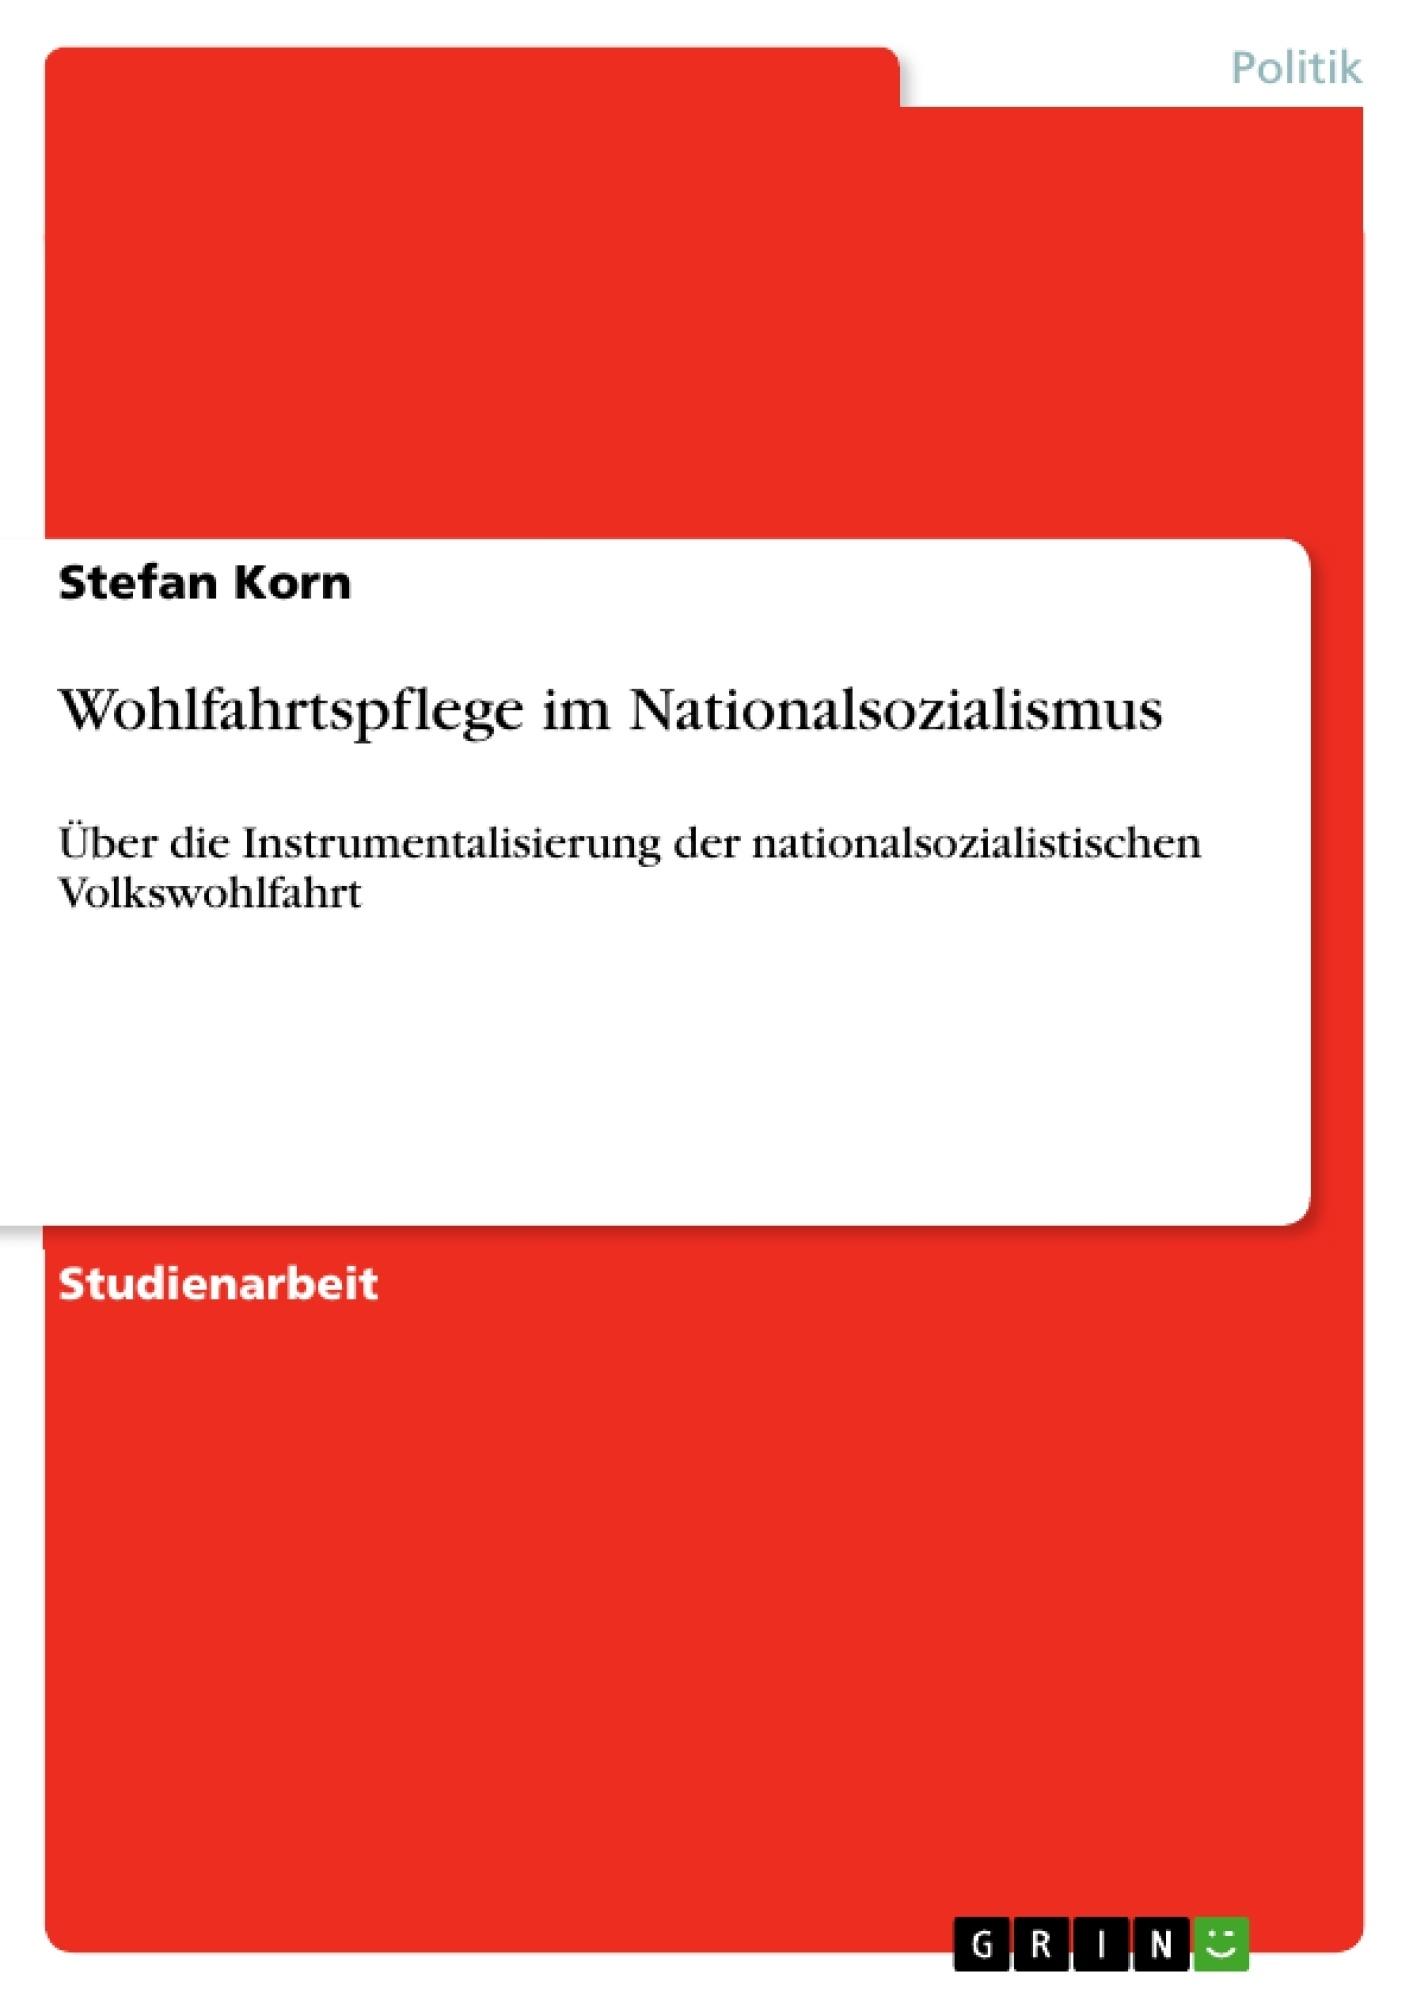 Titel: Wohlfahrtspflege im Nationalsozialismus